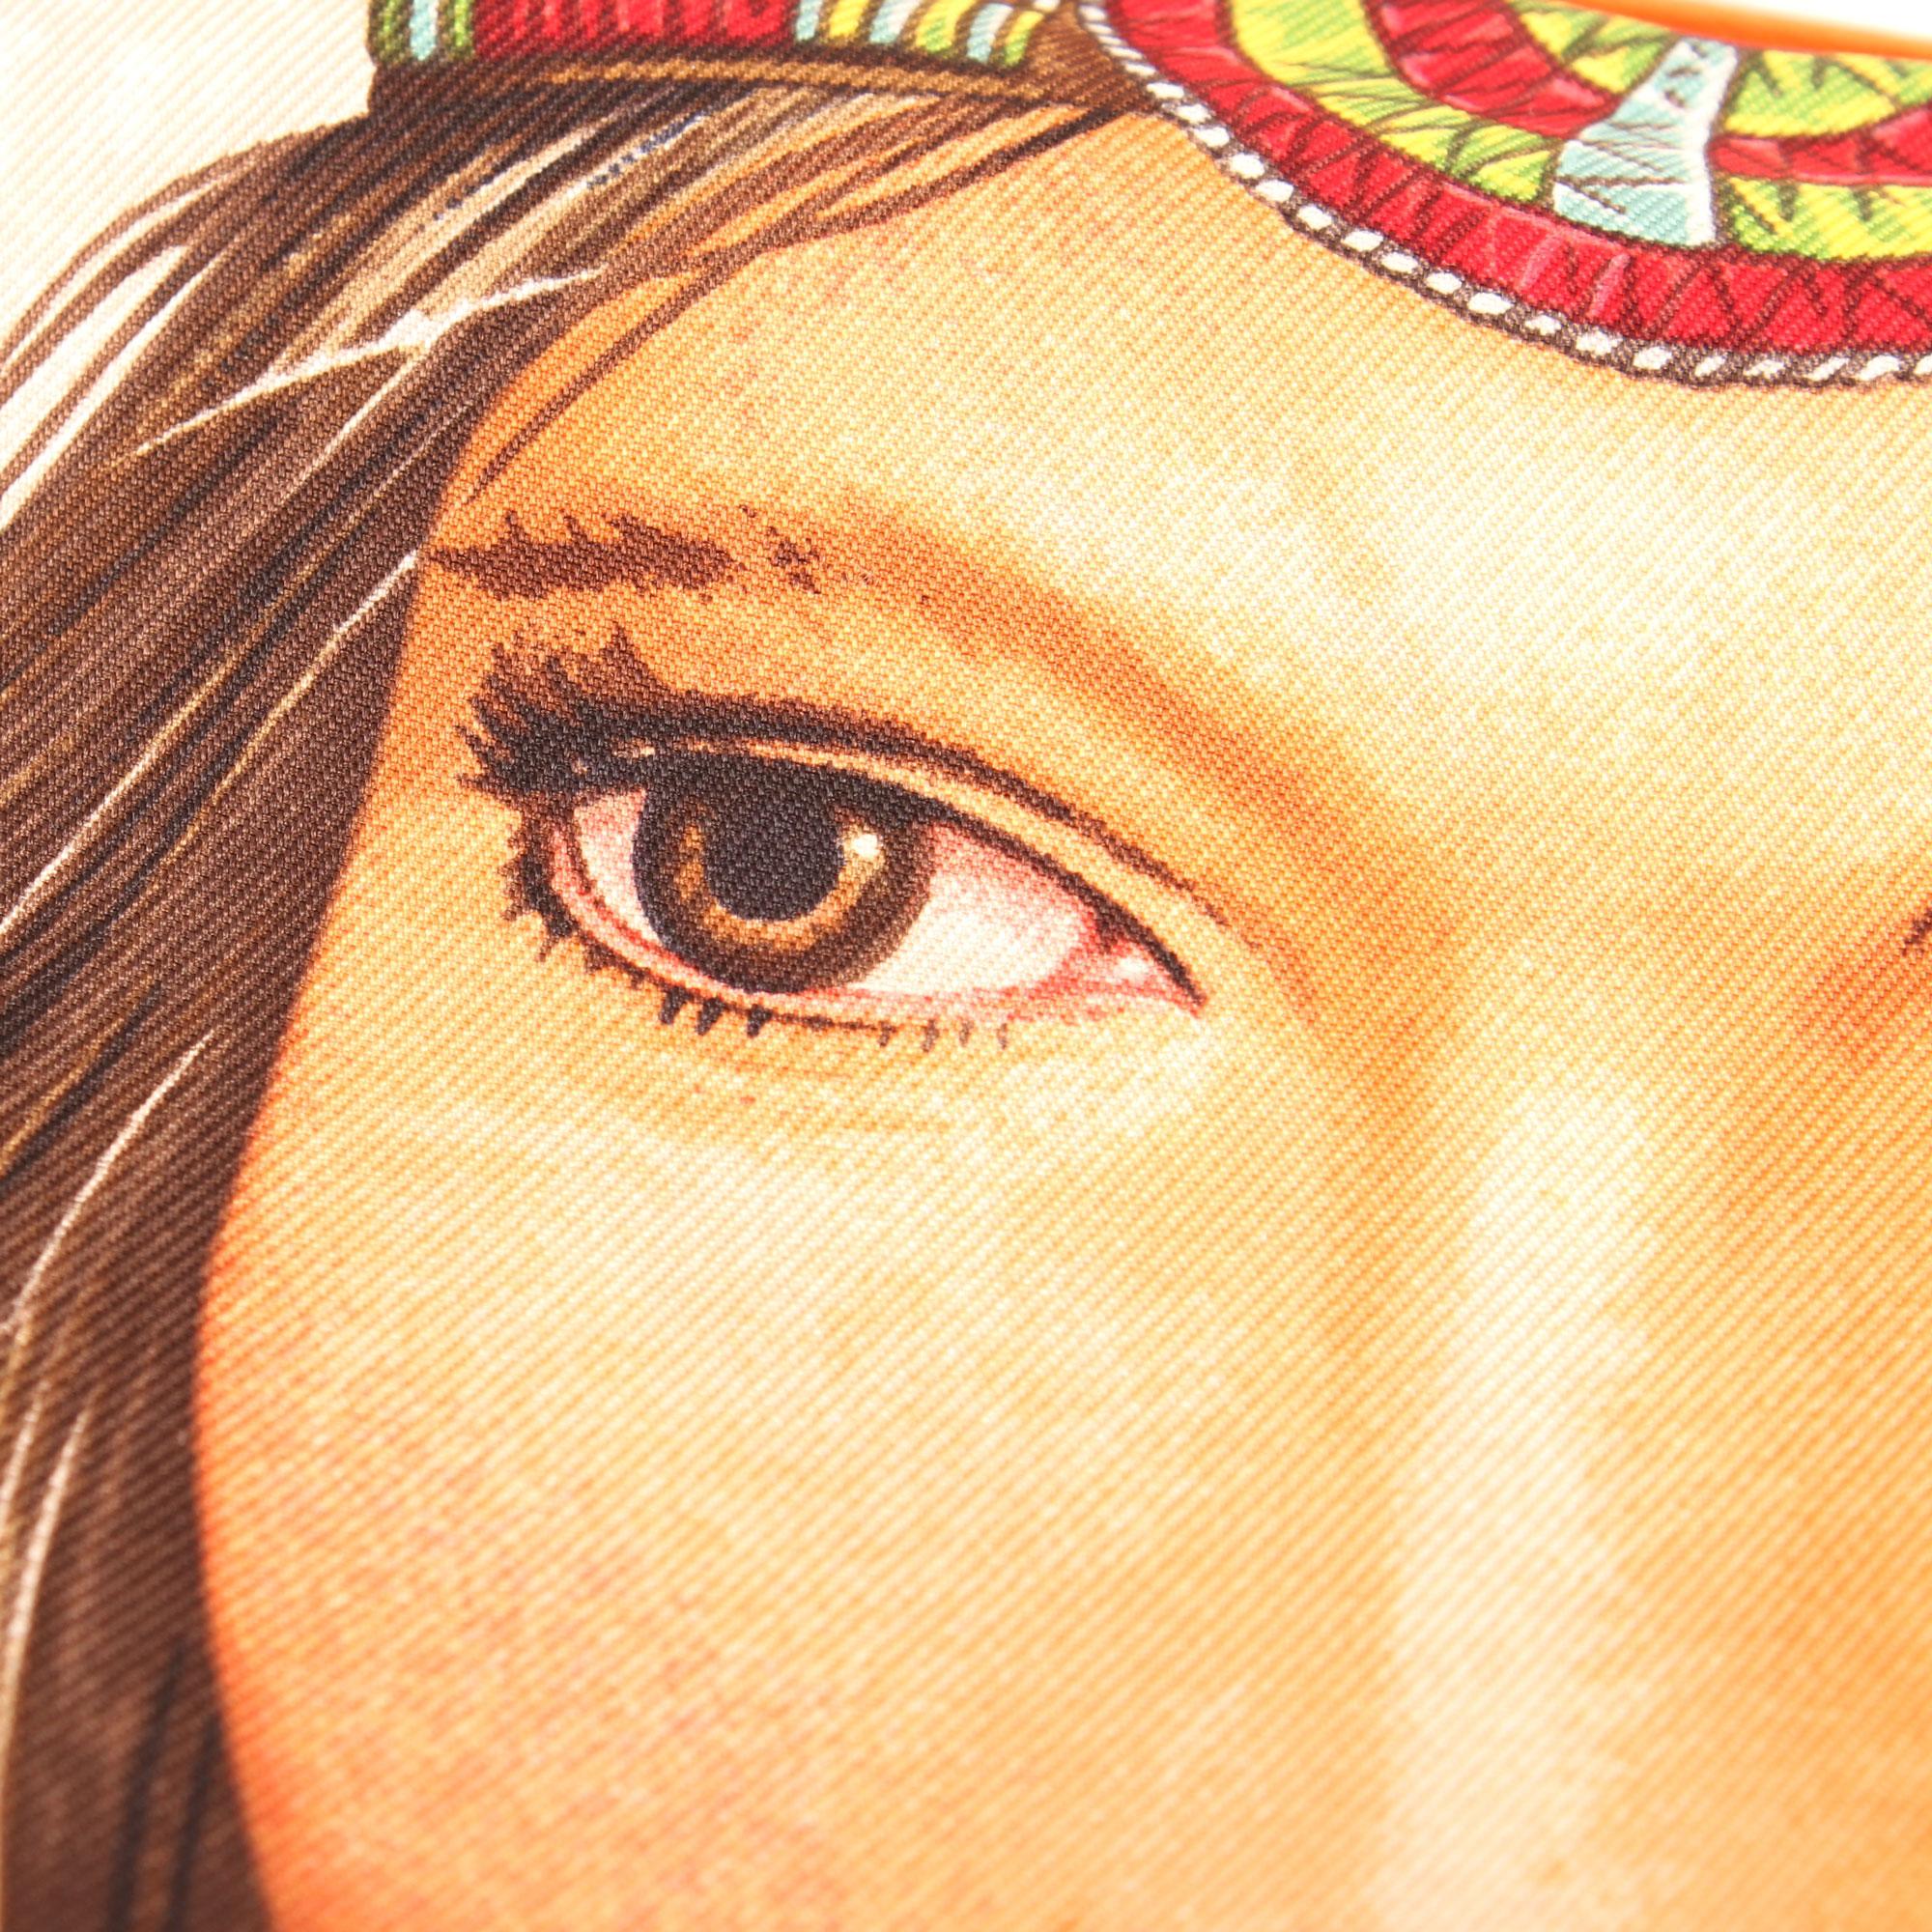 Imagen de detalle de la seda del carre de hermes de la princesa wakoni amarillo verde rojo detalle ojo